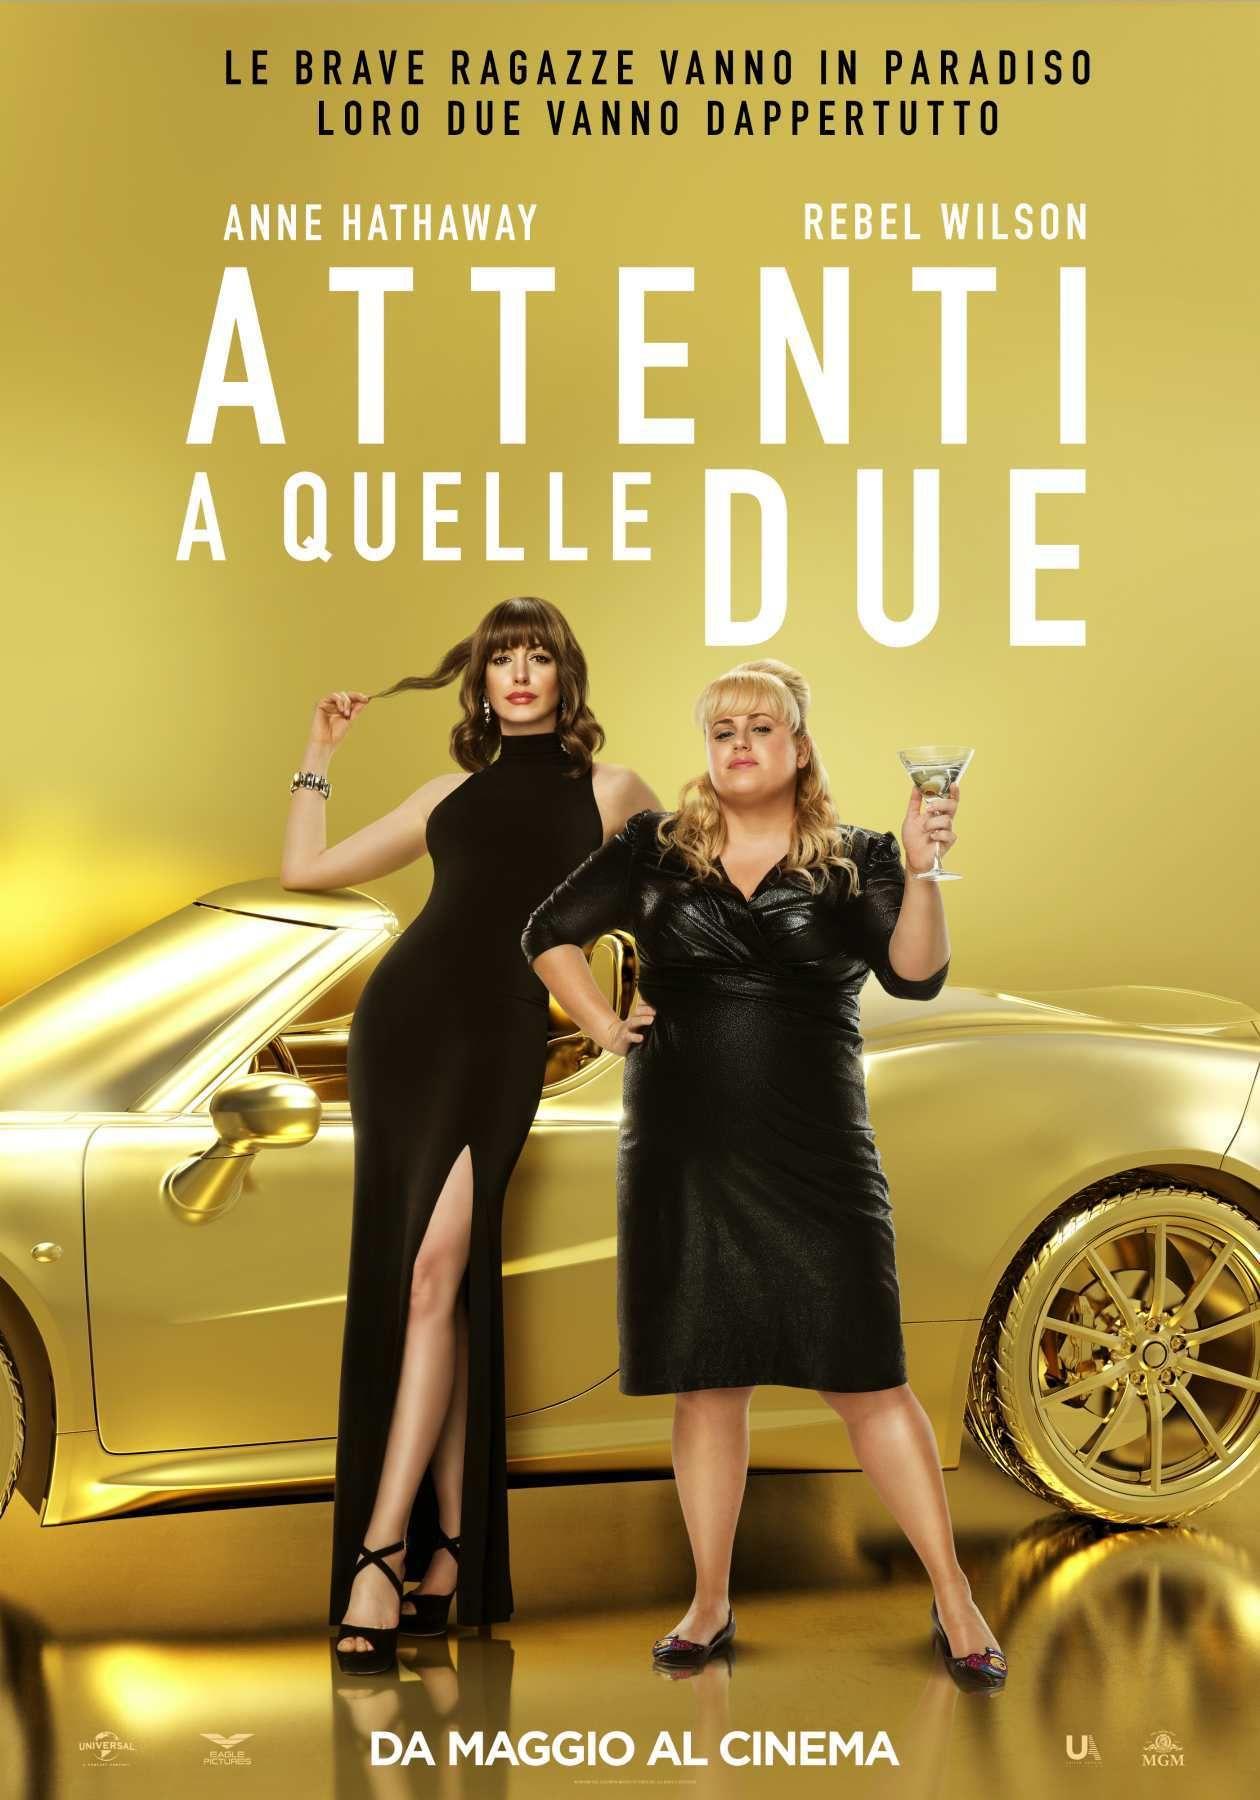 Attenti a quelle due Poster Italia Pitch perfect, Film